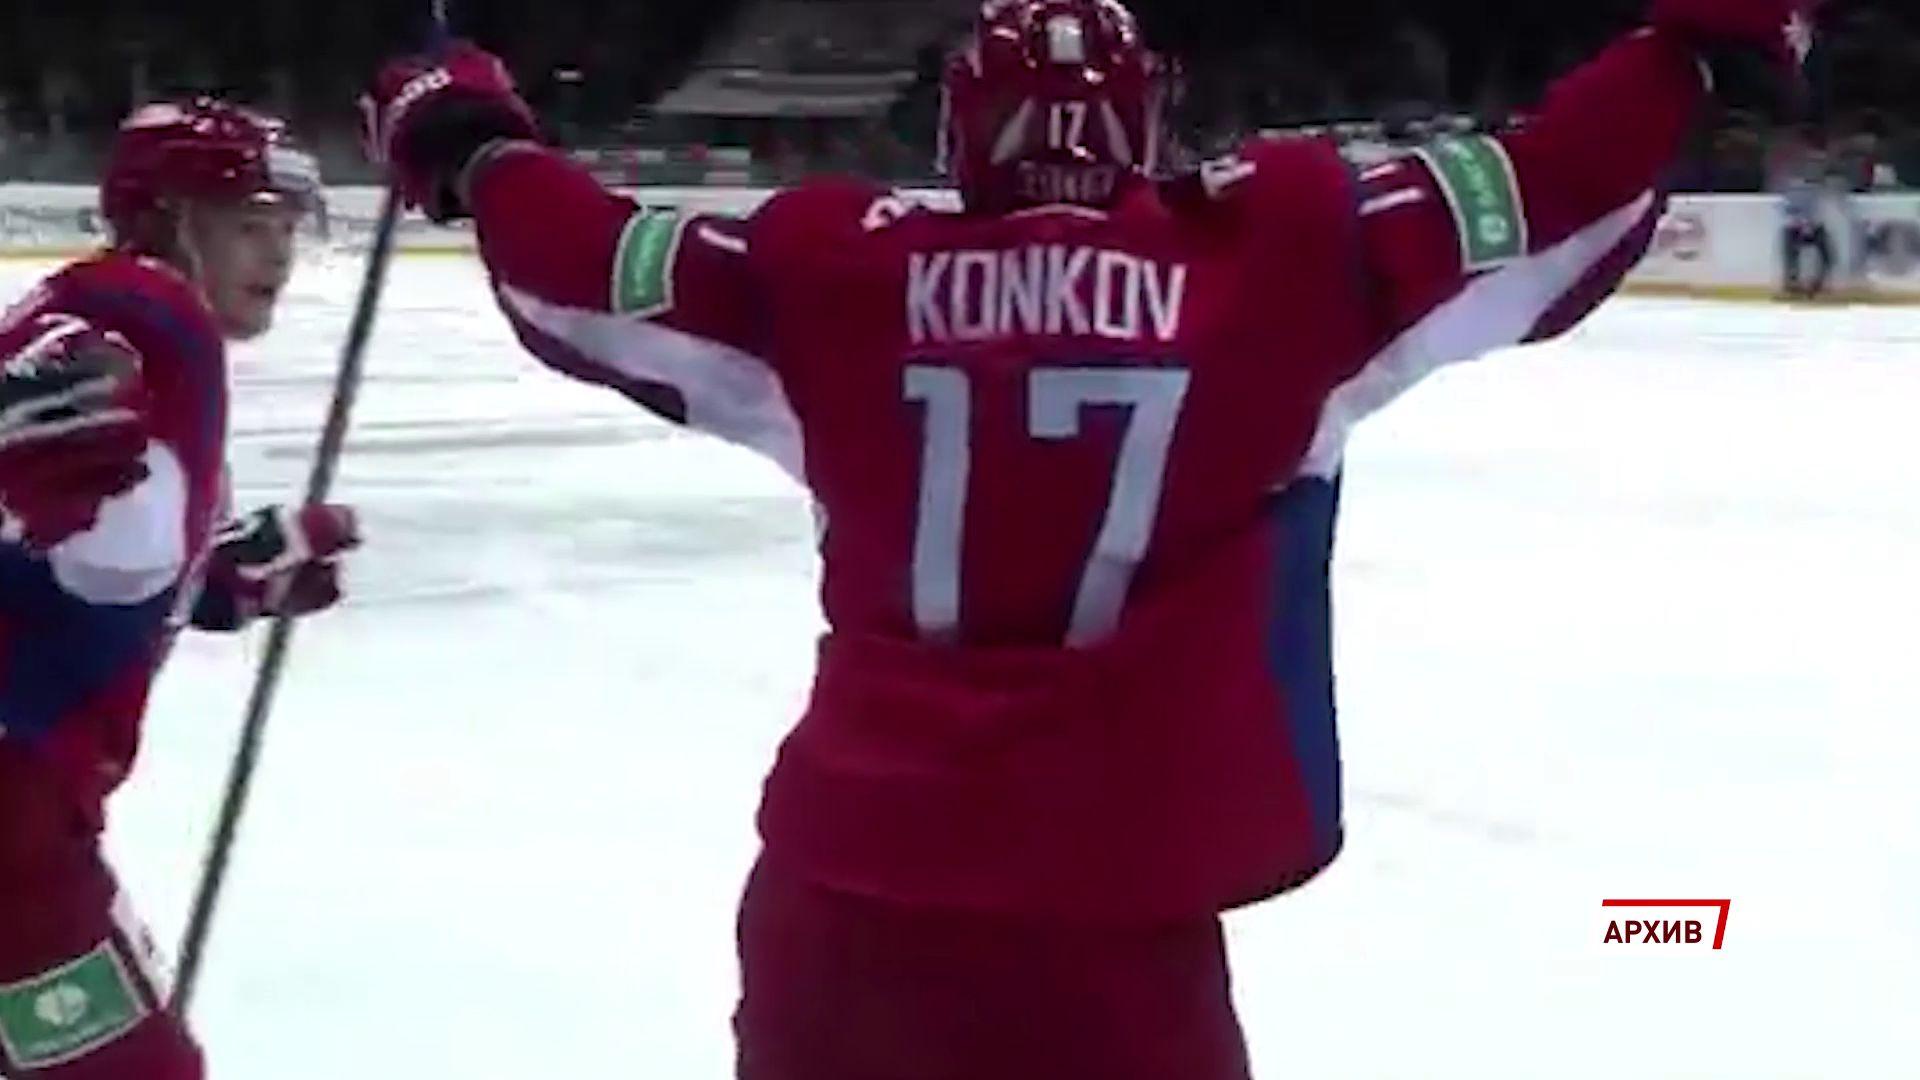 Нападающий «Локомотива» Сергей Коньков уходит из большого спорта